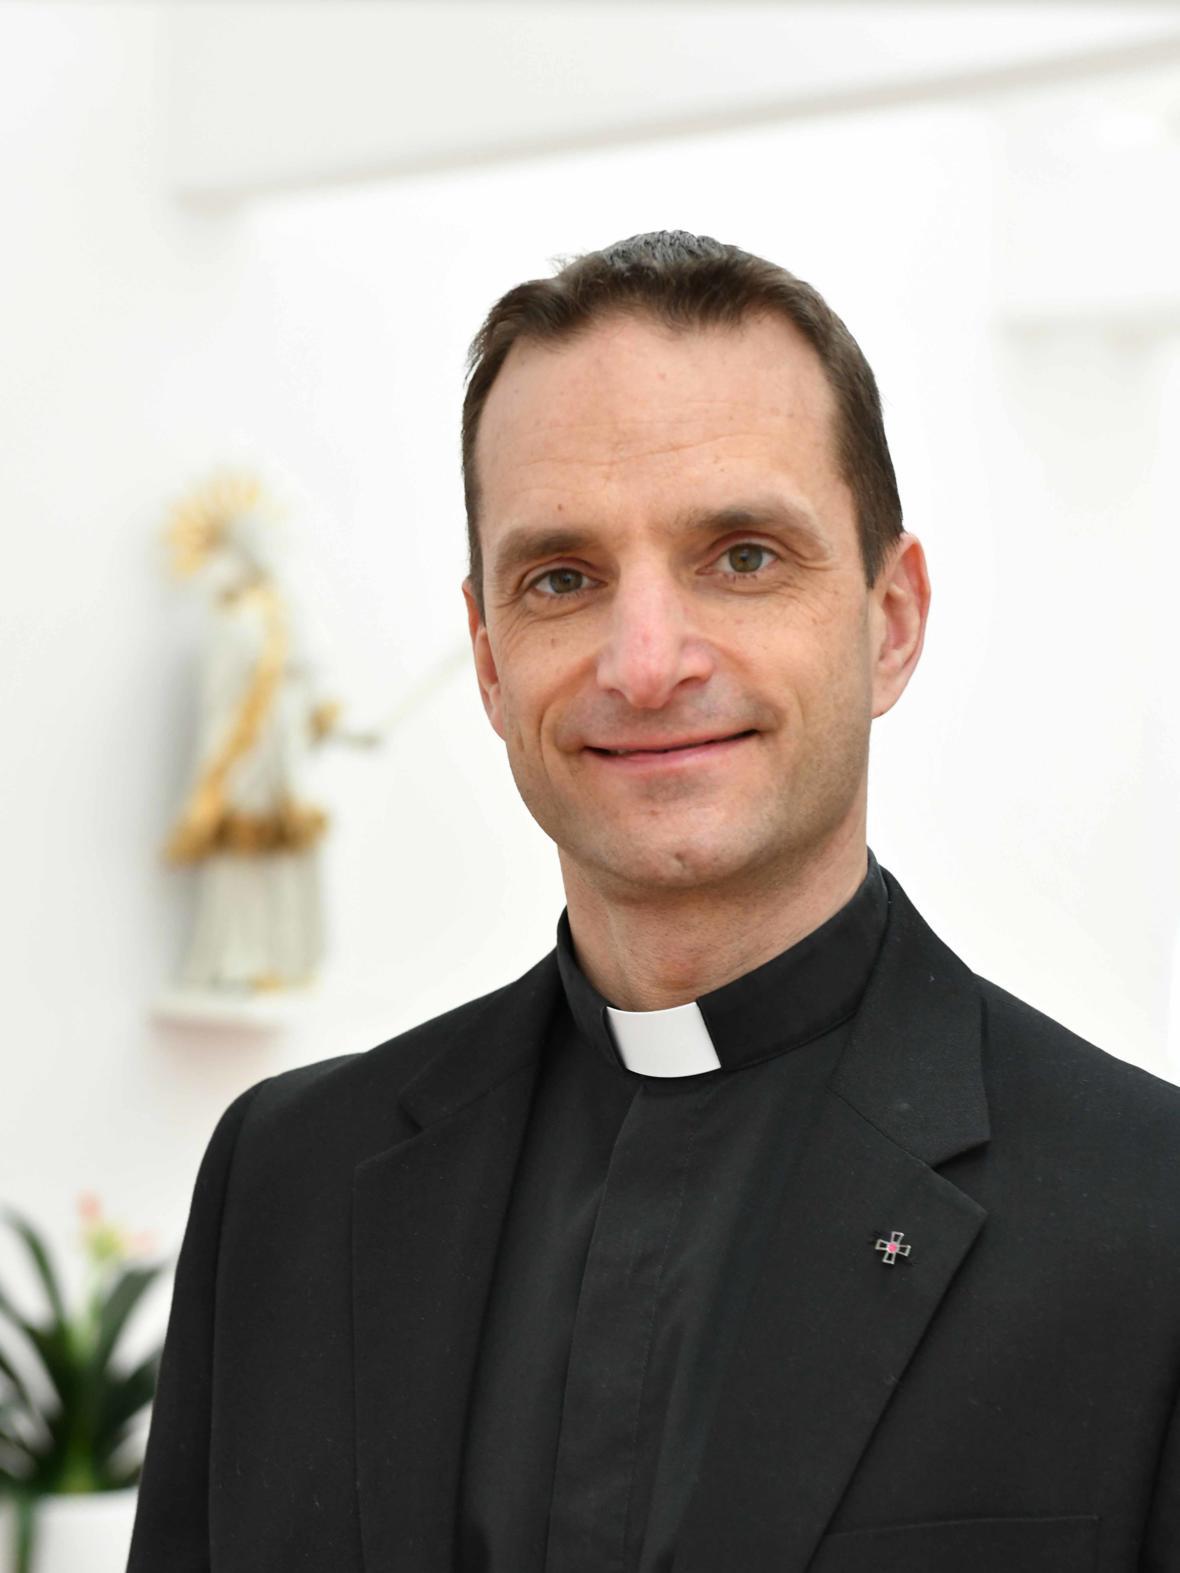 Marco Leonhard_Hochformat (Daniel Jäckel_pba)